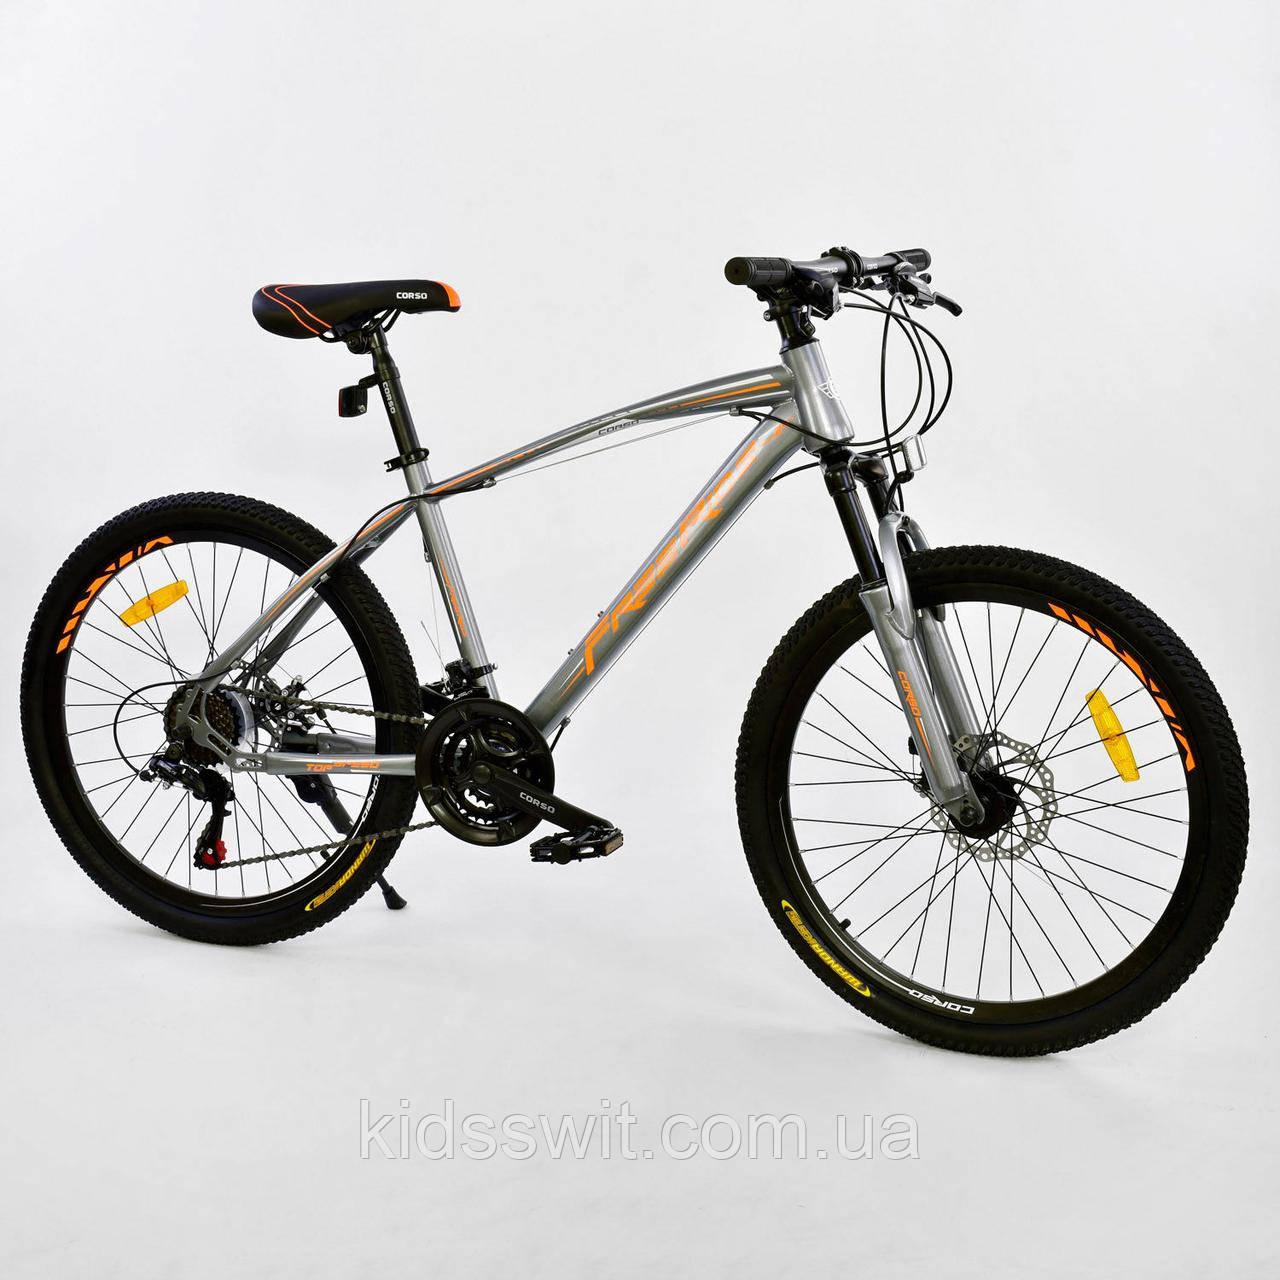 """Велосипед Спортивний CORSO Free Ride 24""""дюйма GREY-ORANGE рама металева 13`, 21 швидкість, 0012 - 7833"""